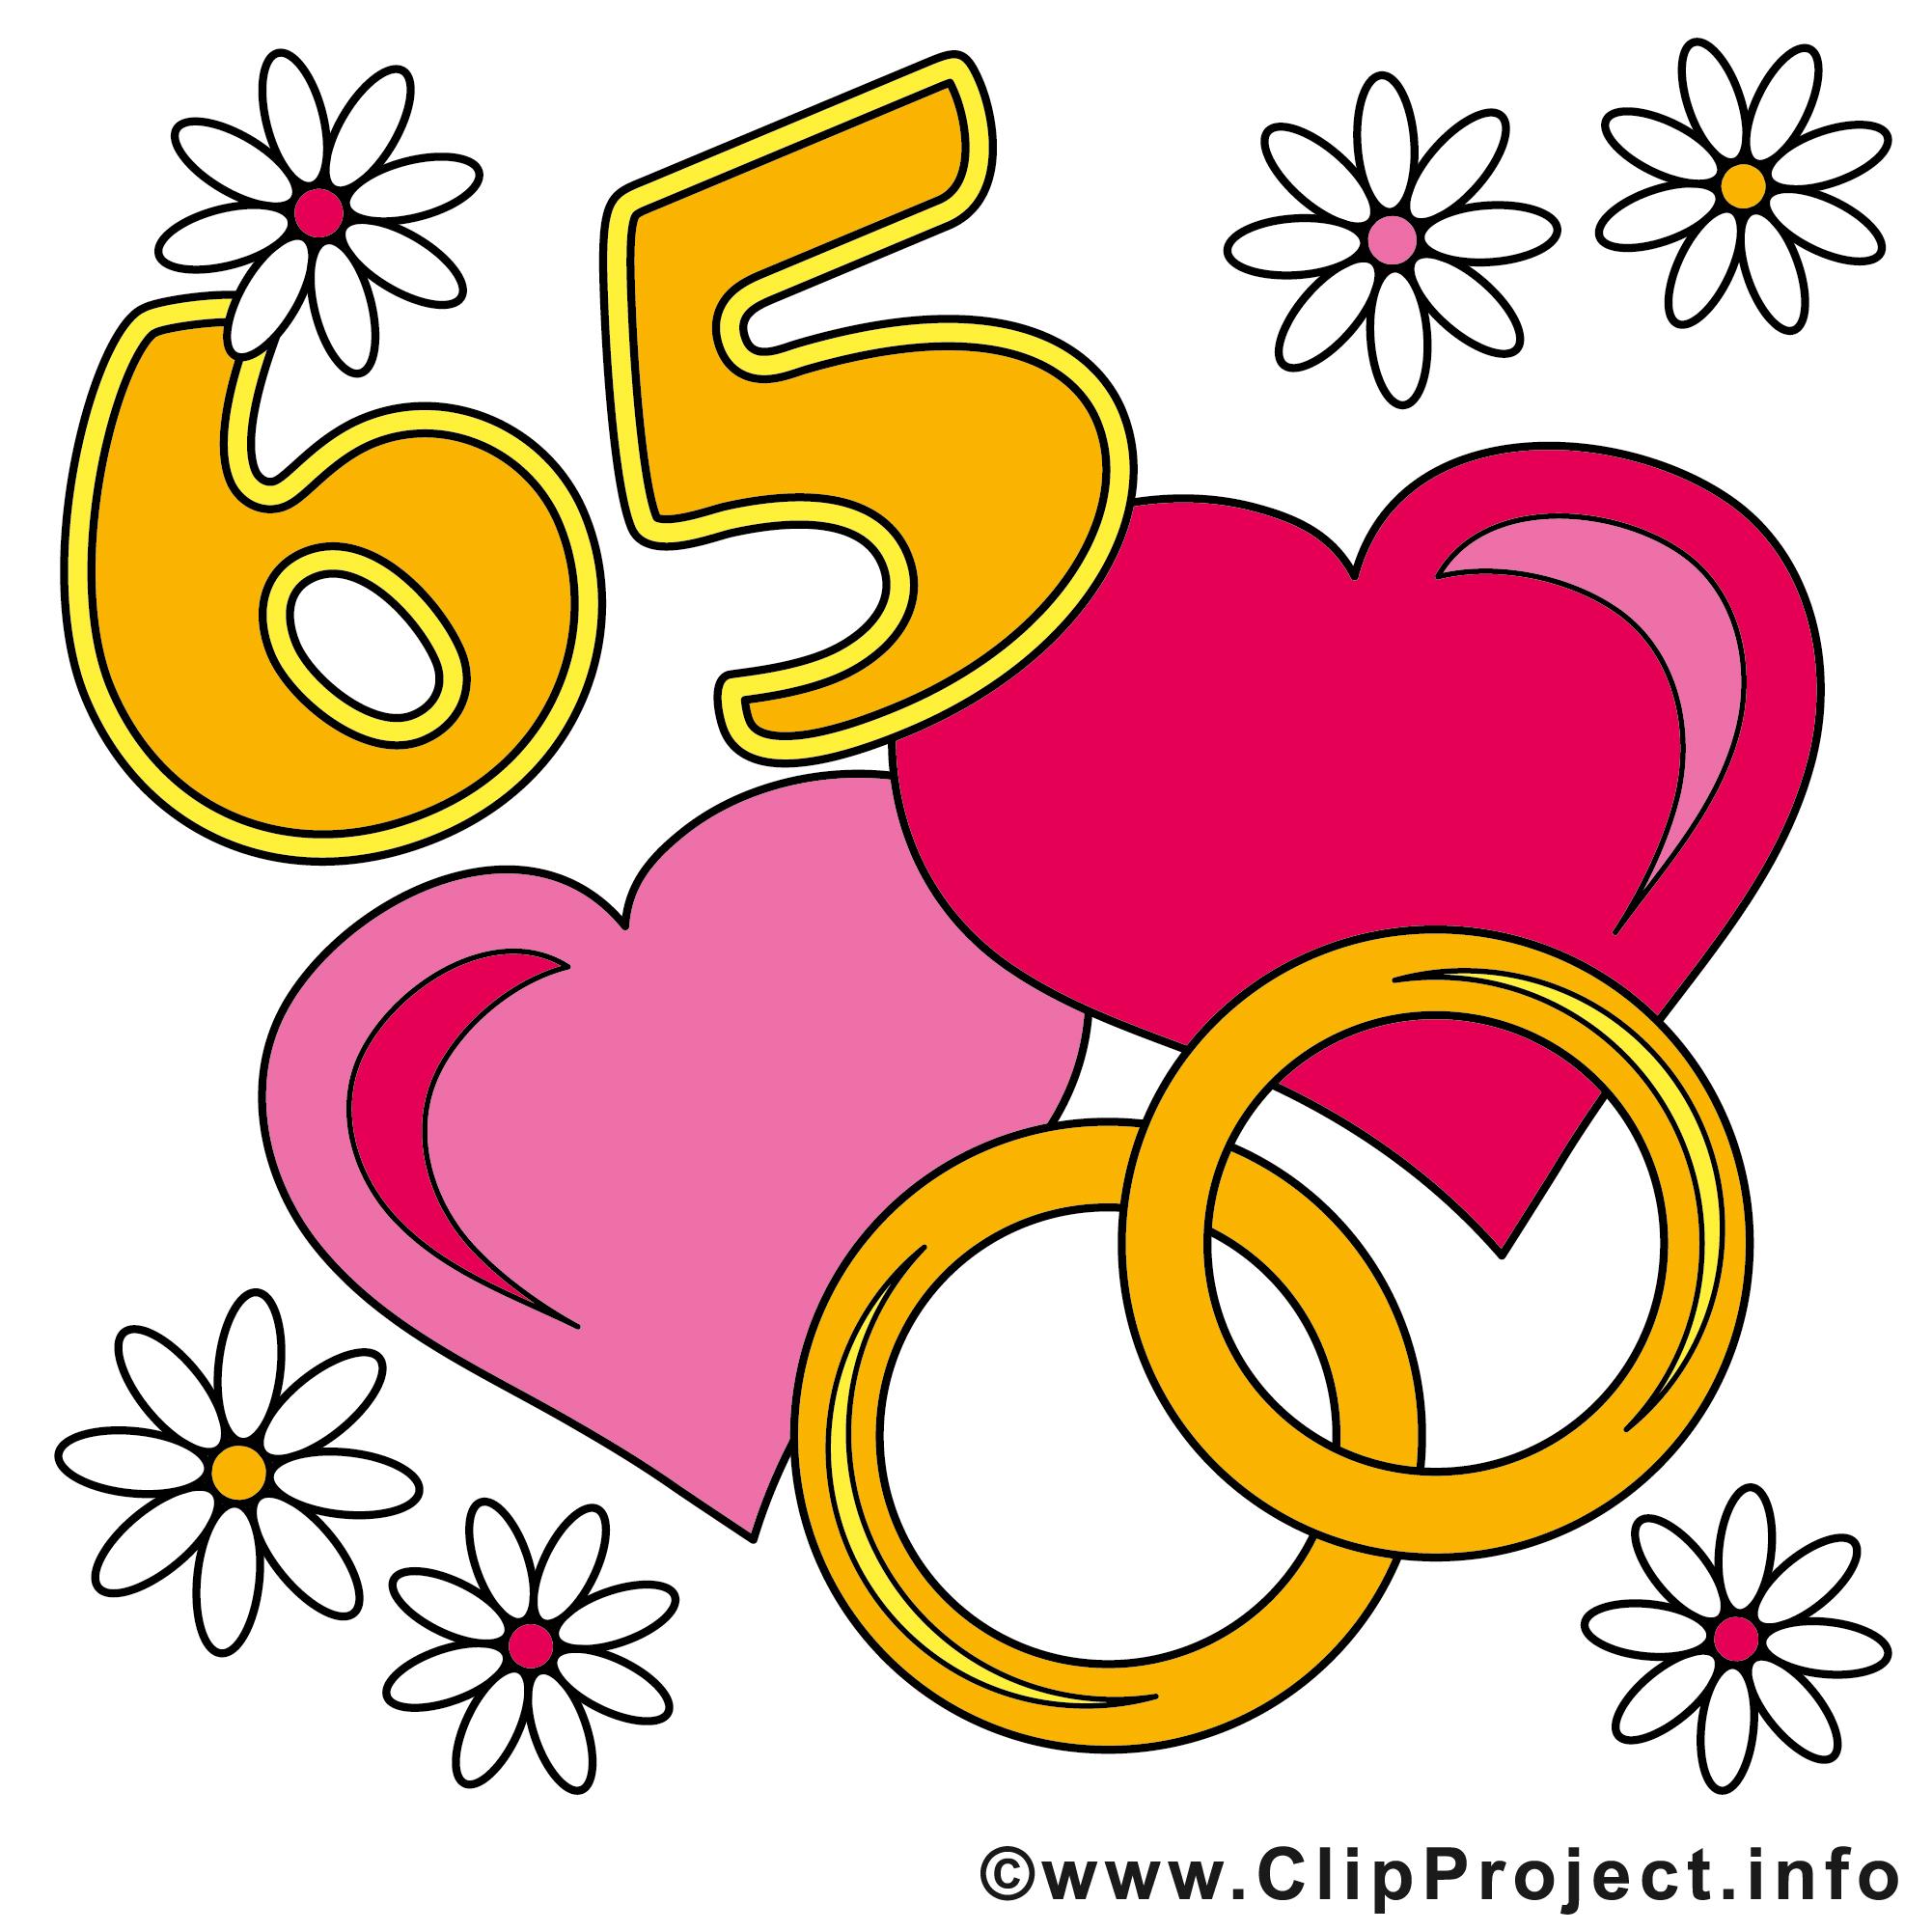 65 ans anniversaire mariage clip art gratuit - Anniversaires de mariage dessin, picture, image ...